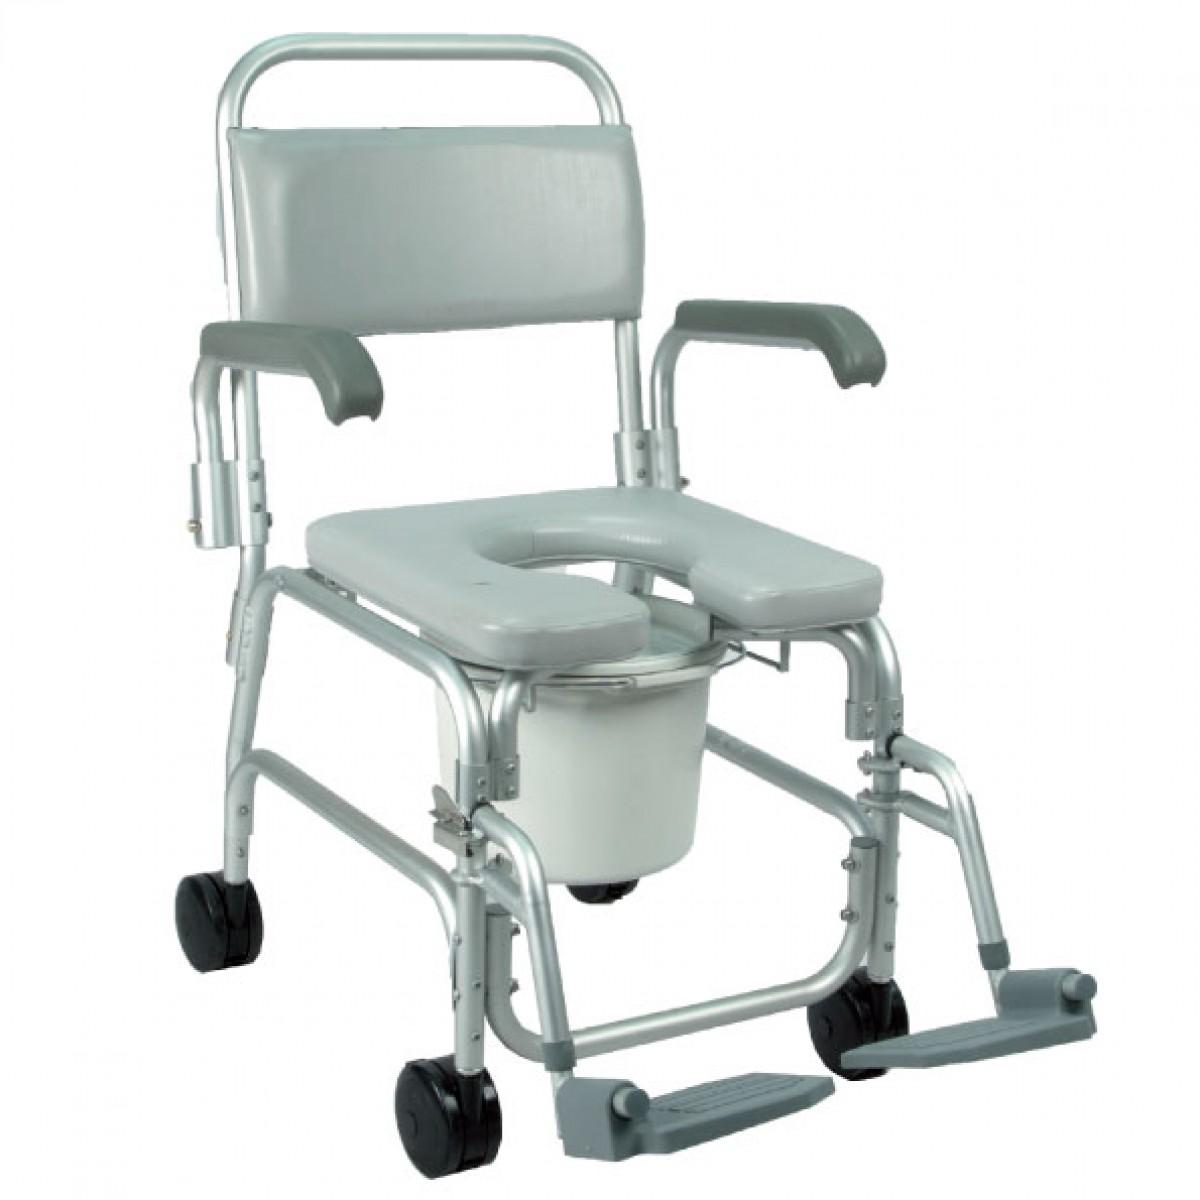 Comoda da doccia e wc rotelle piccole negozio ortopedia for Sedia a rotelle ruote piccole